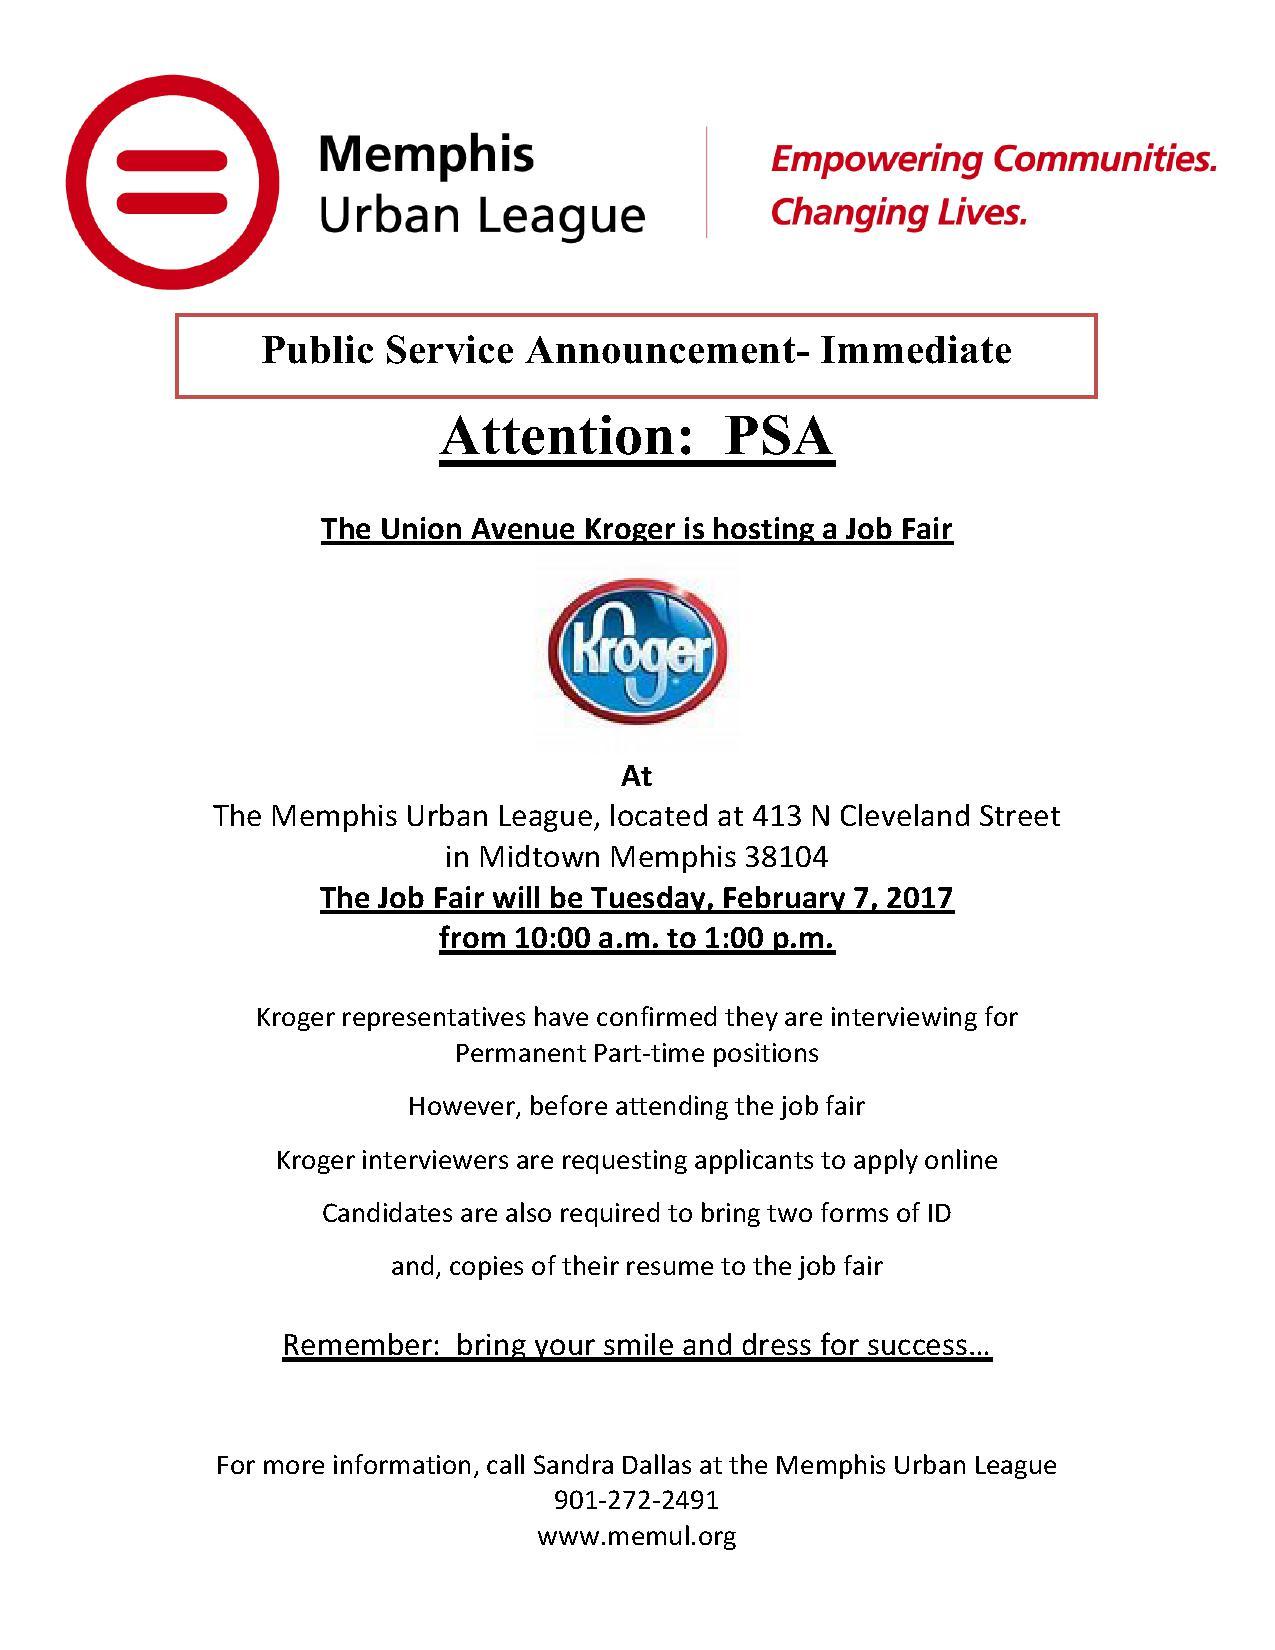 Kroger – Union Job Fair 2/7 @ Urban League | Job & Career News ...